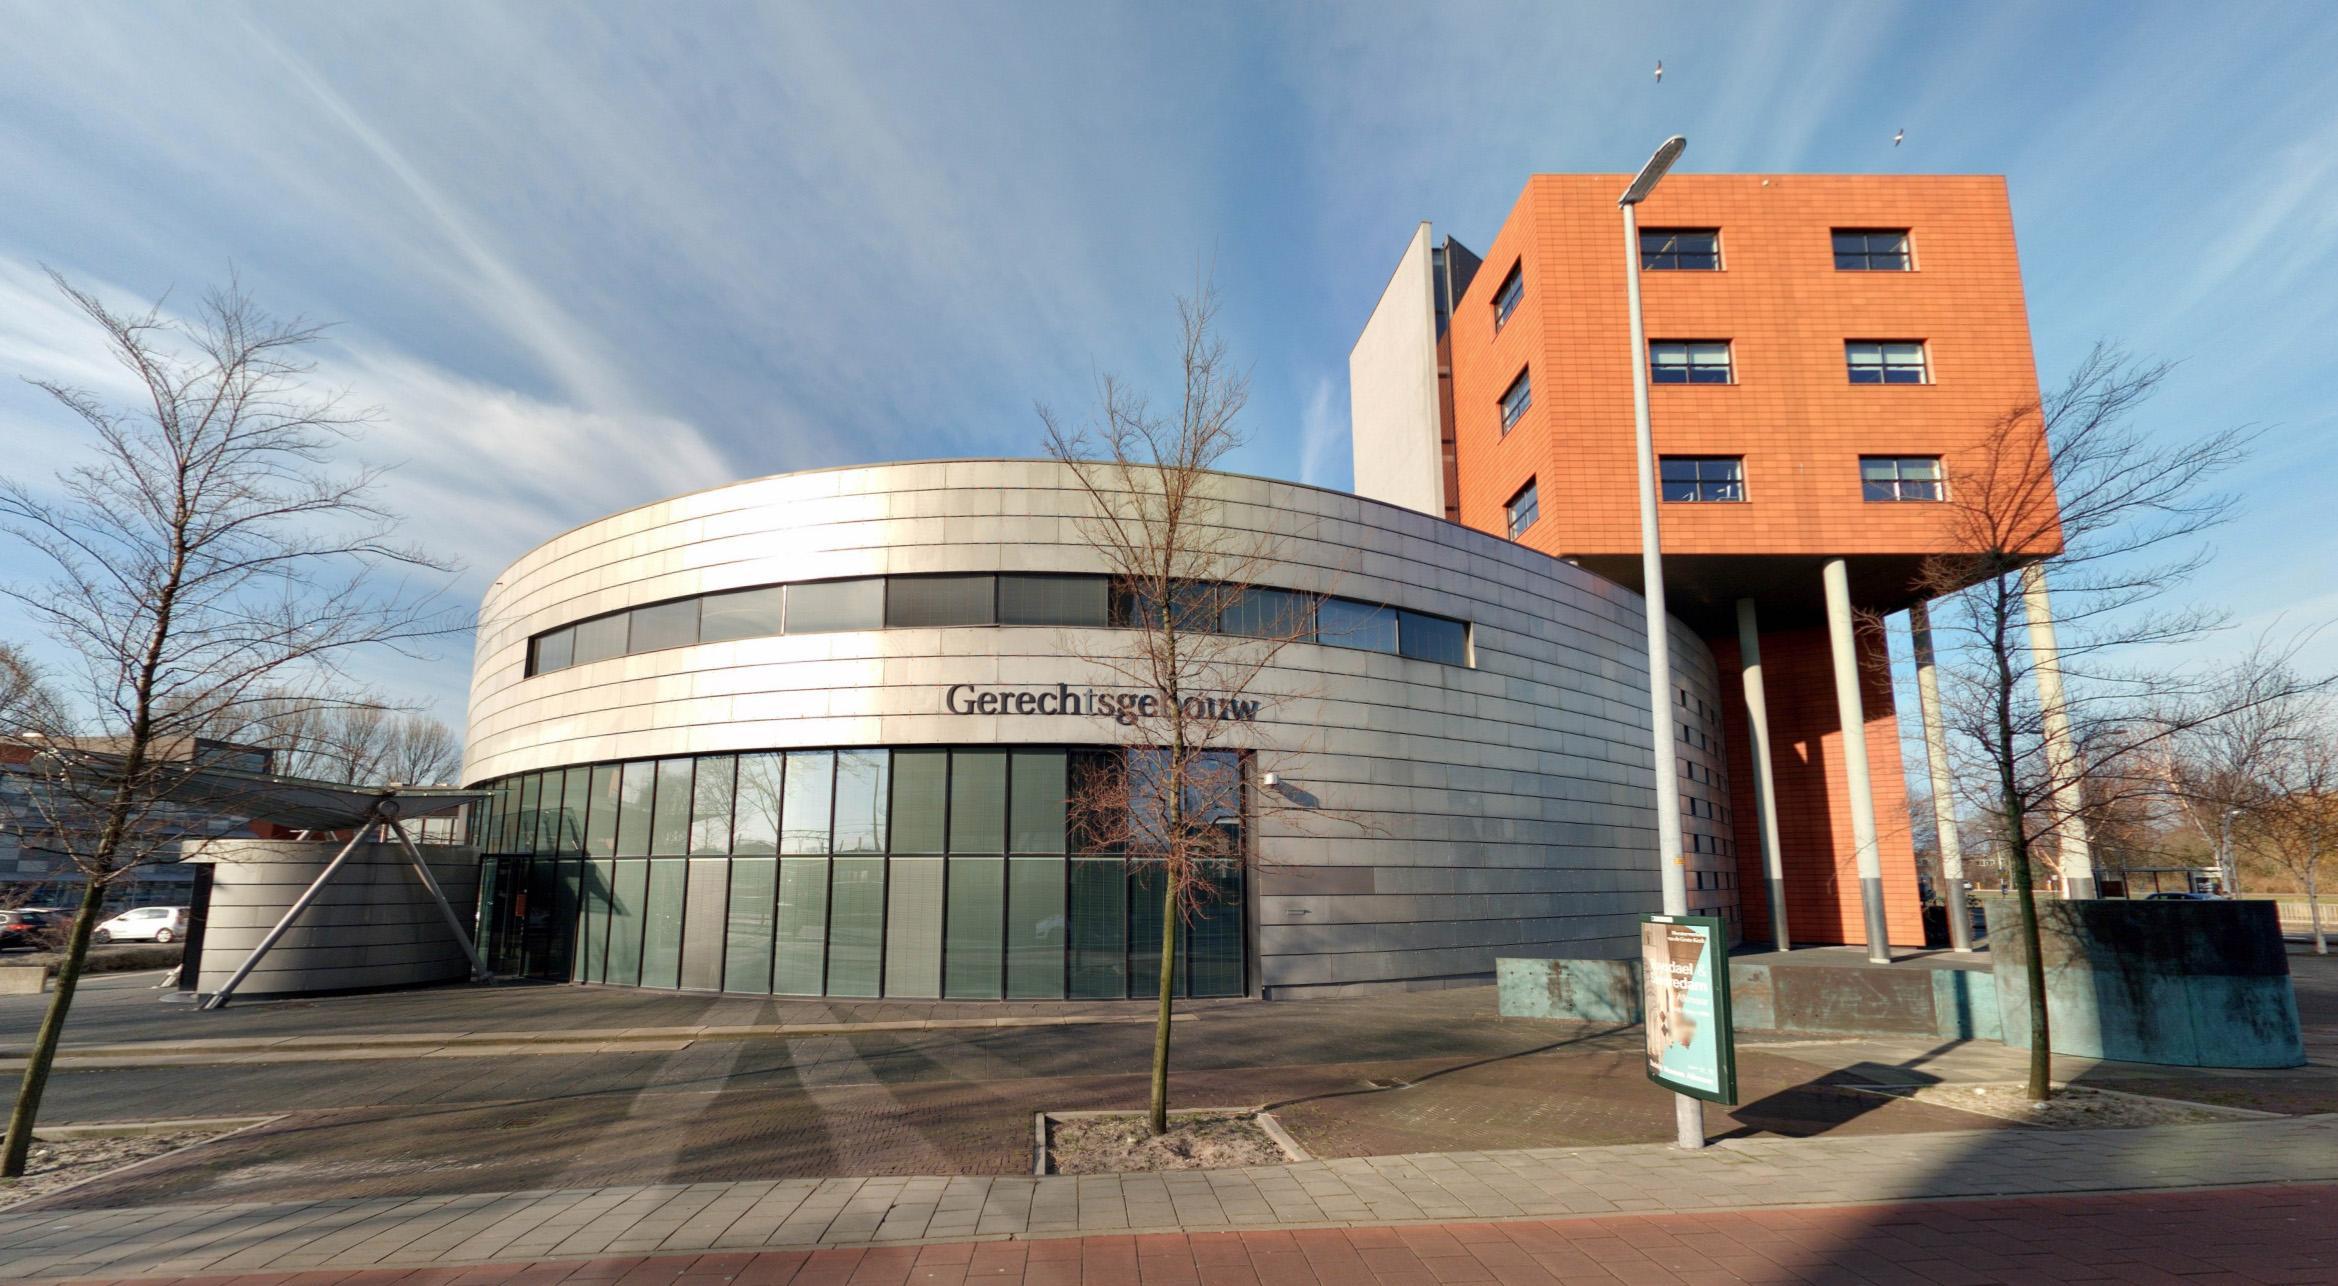 Drie jongens uit gesloten jeugdinrichting voor de rechter na heftige straatroof in Castricum